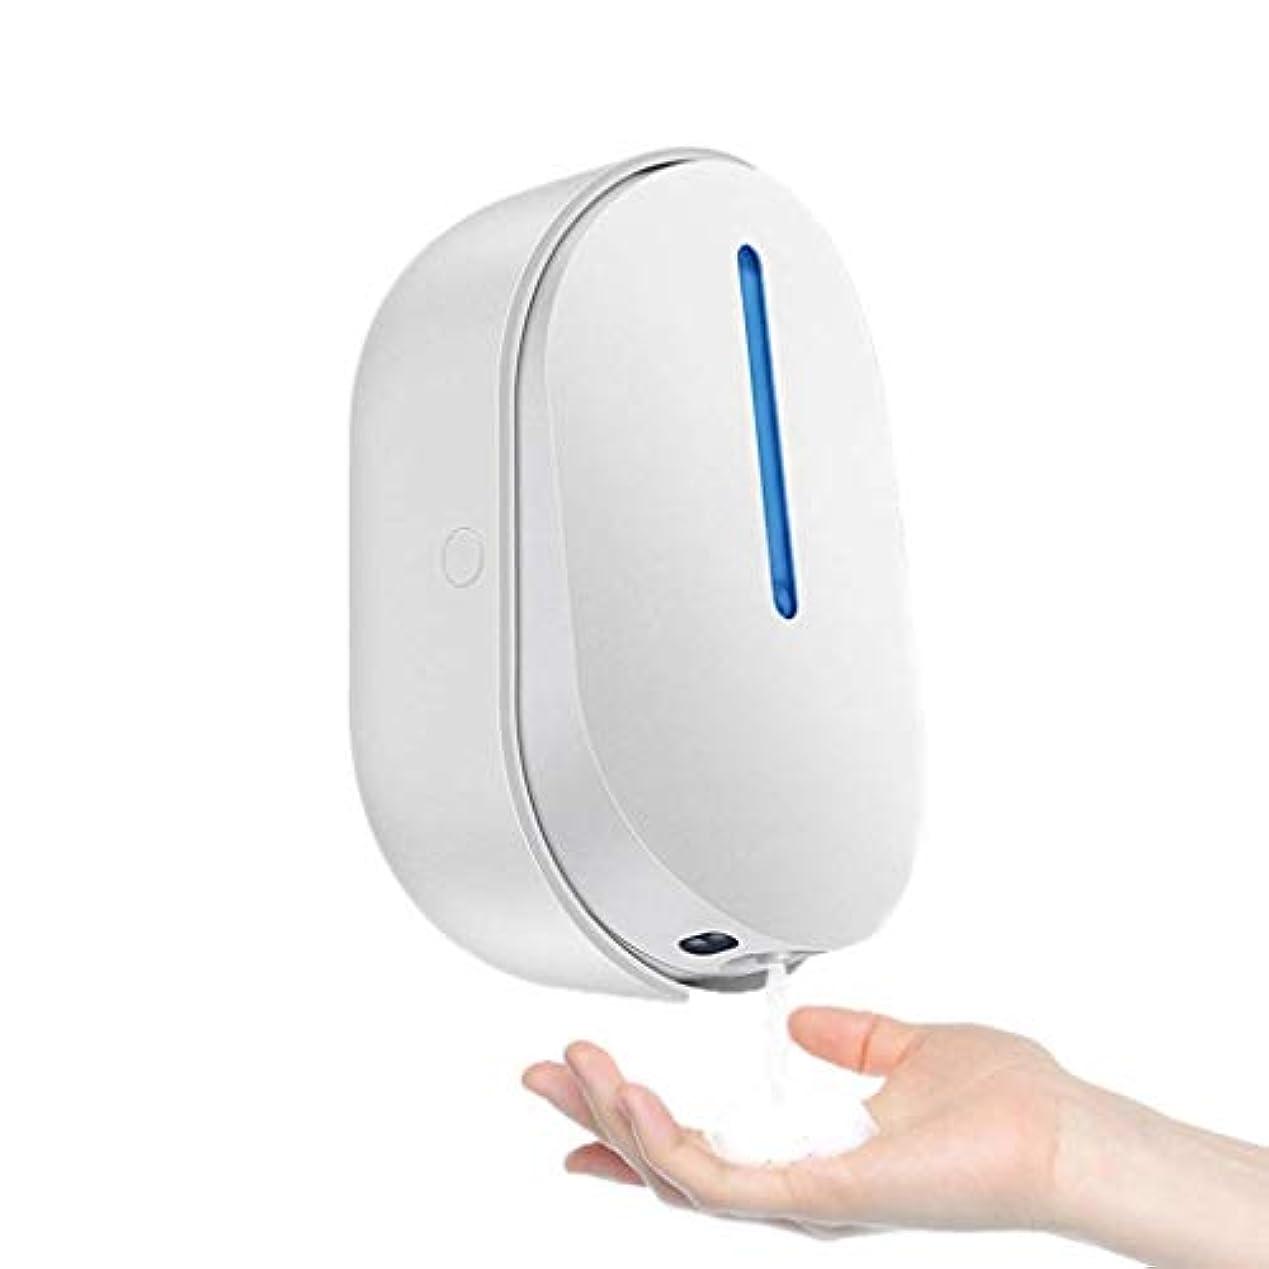 しなやかな領収書帆壁掛け赤外線センサーエマルジョンディスペンサーキッチンバスルームブラケットハンドソープ充電式バッテリー泡洗浄携帯電話ローション (Color : Silver, Size : 18*12.2*8.5cm)